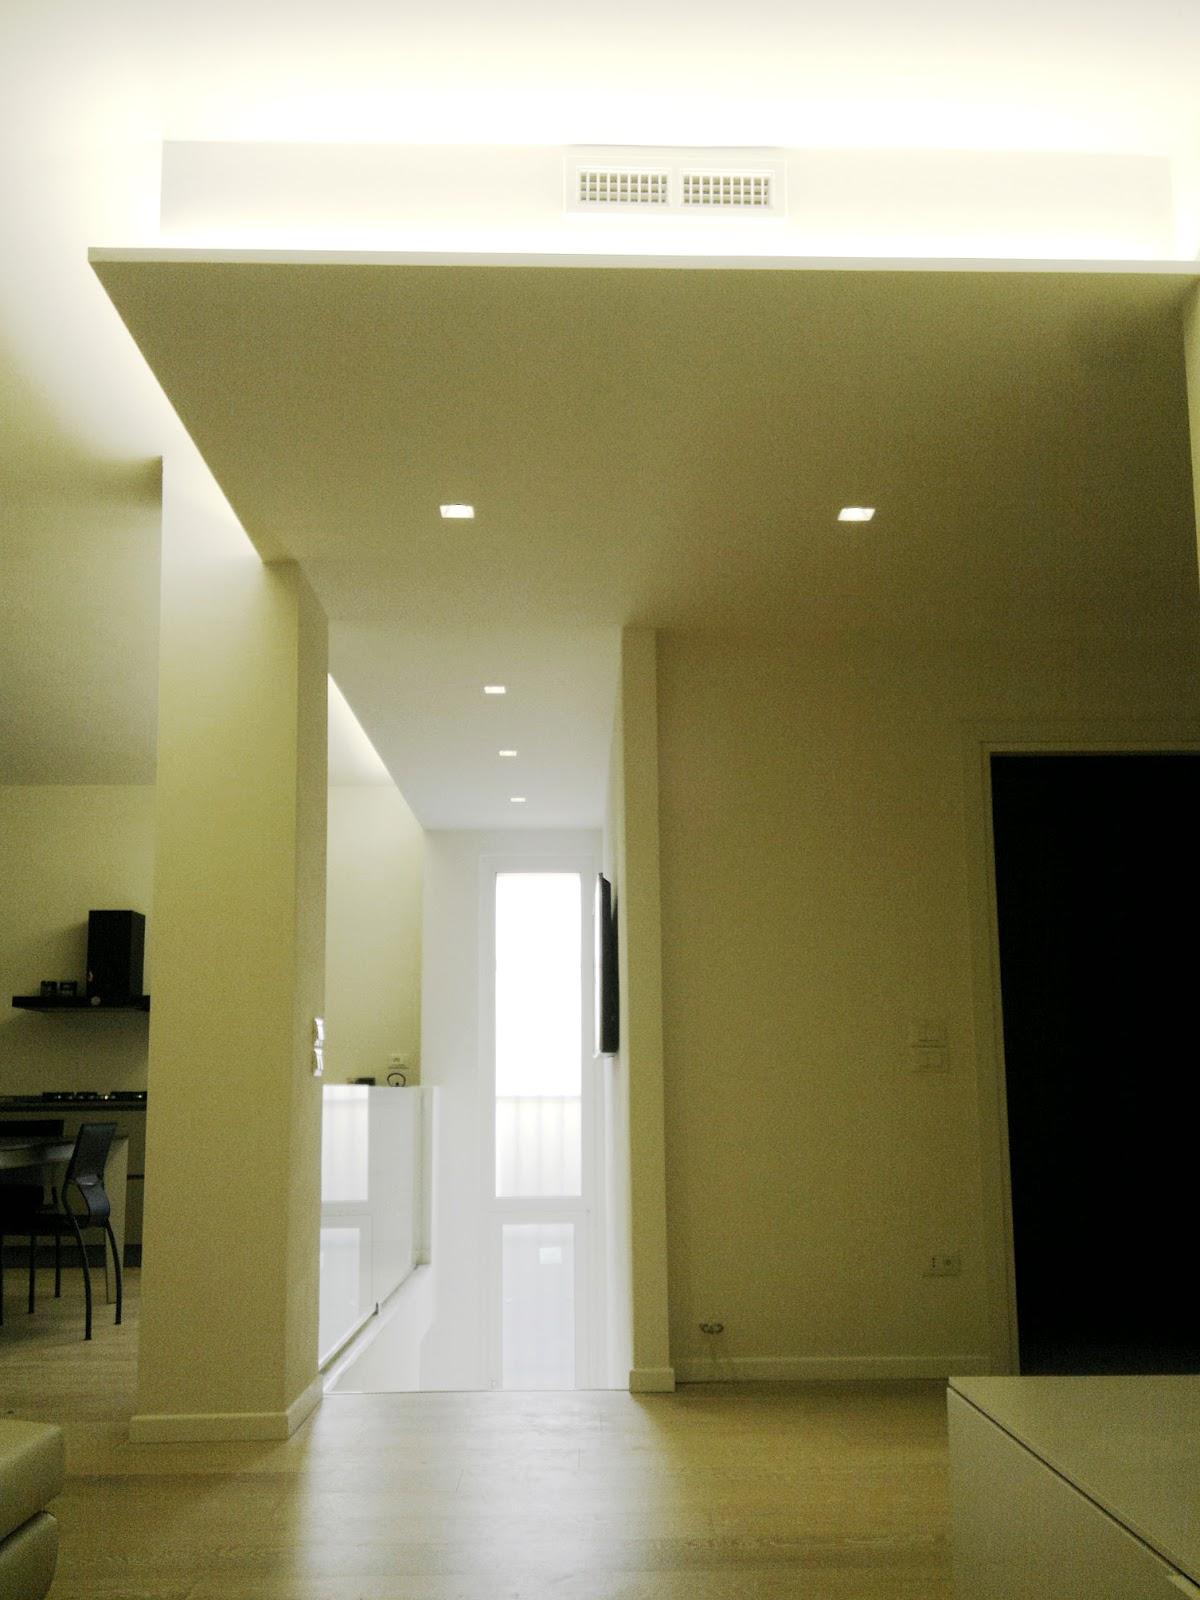 Illuminazione Faretti Led Incasso: Illuminazione led casa illuminare a gli ambienti con faretti.